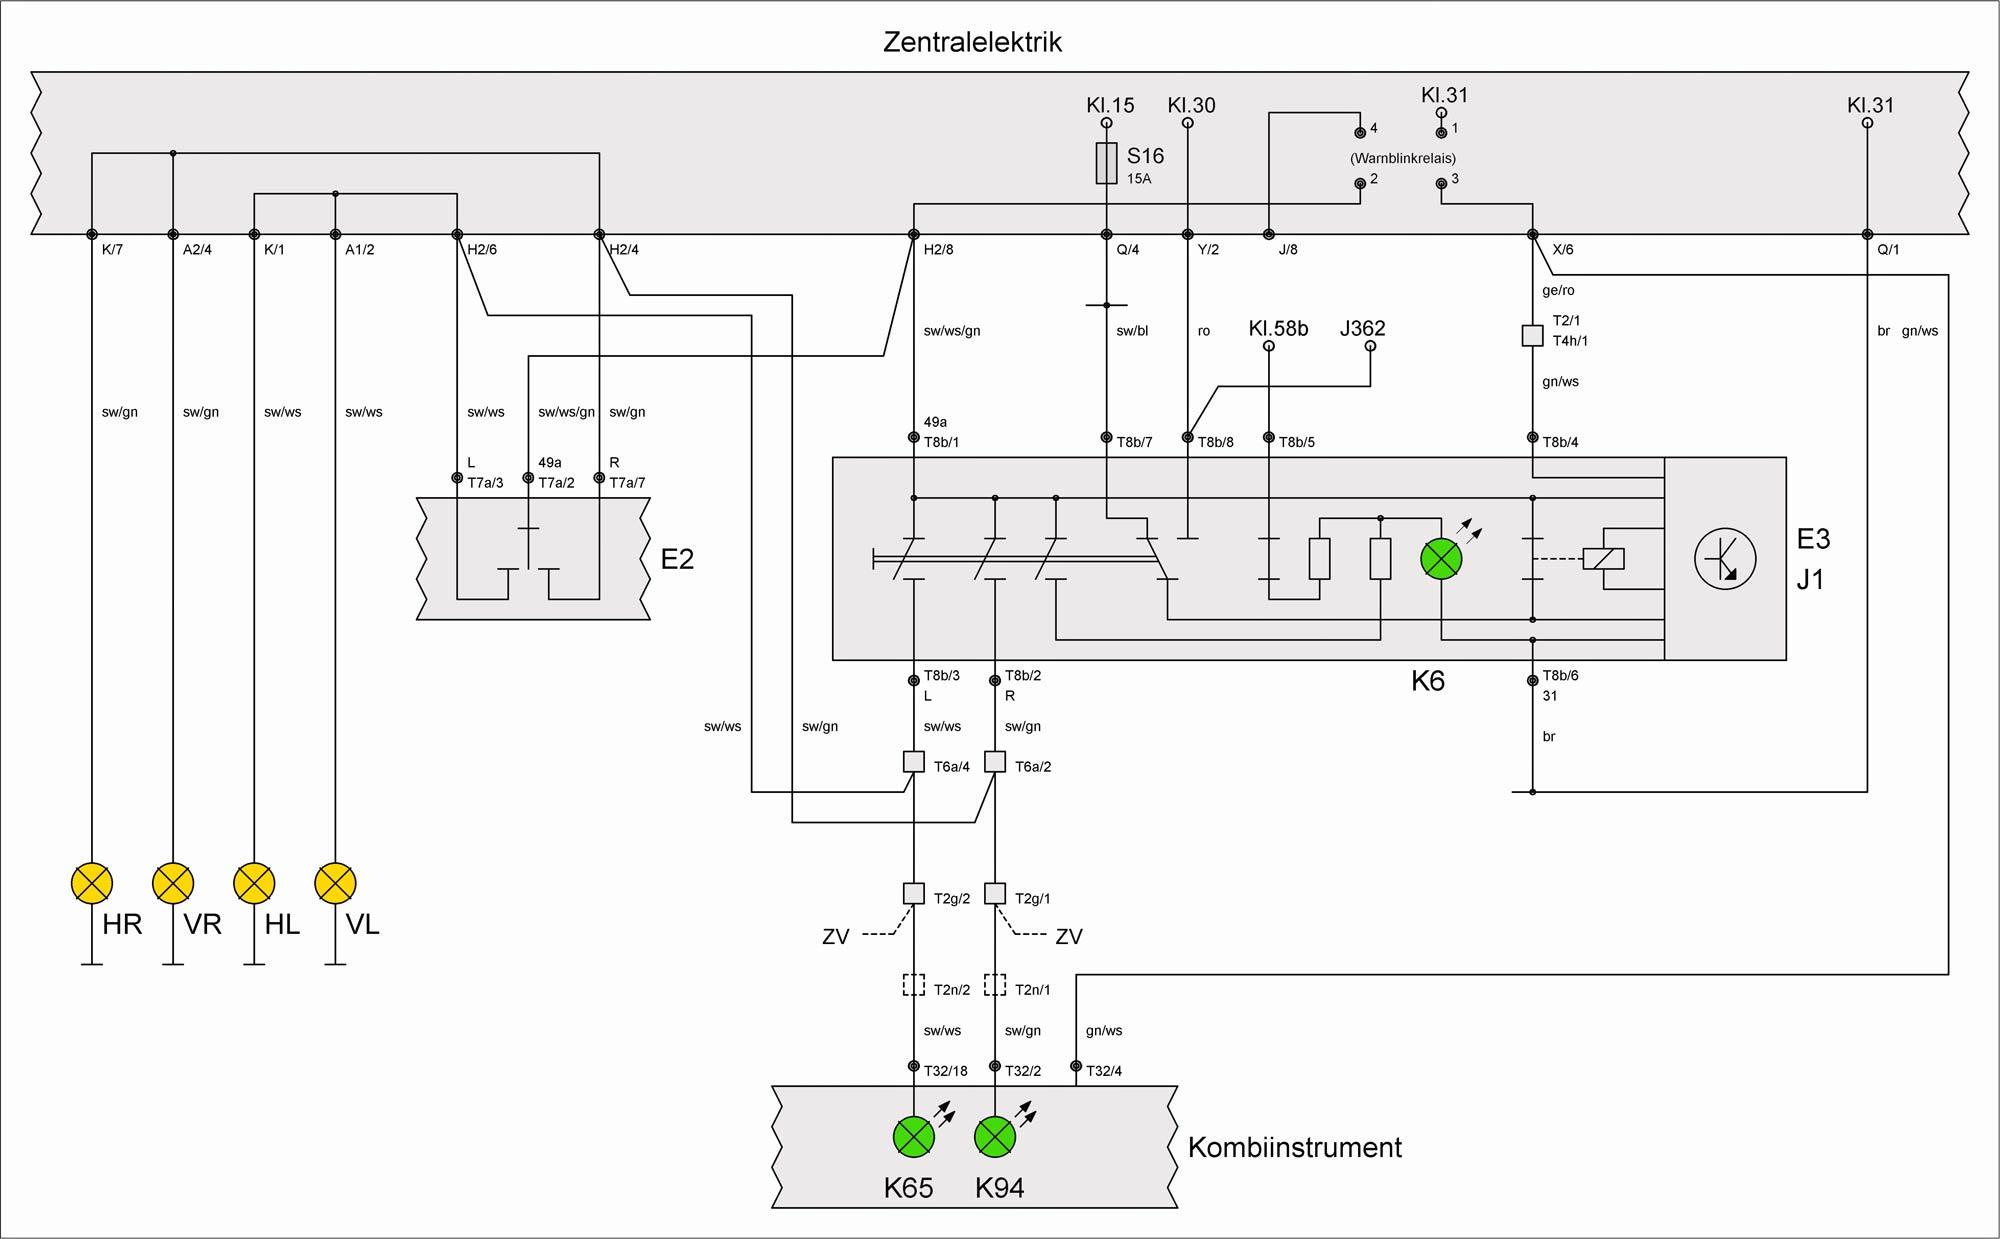 Ungewöhnlich Elektrische Schaltpläne Für Anhänger Ideen - Der ...